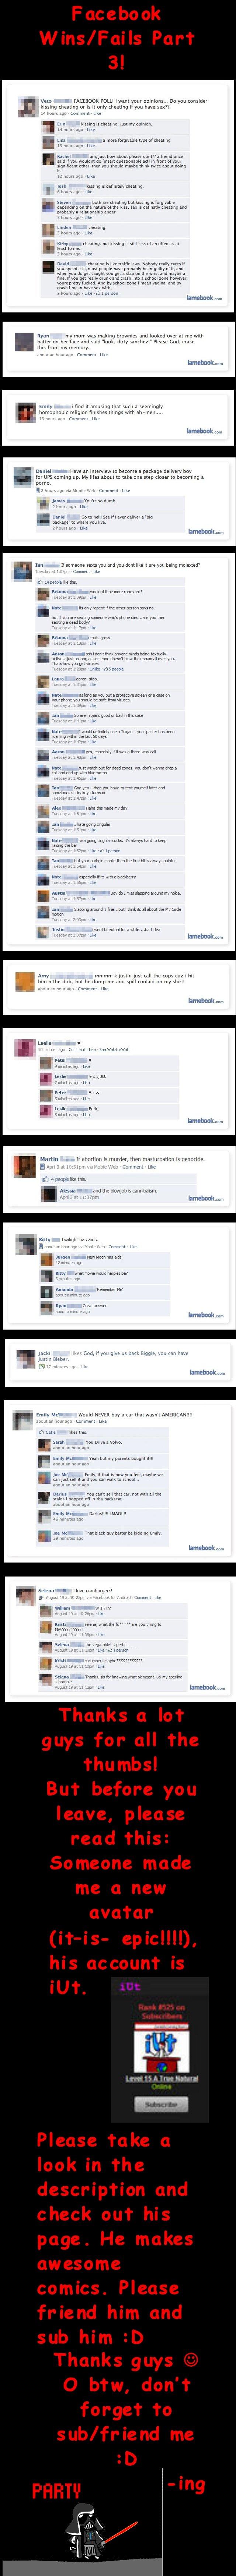 Facebook Wins and Fails part 3. funnyjunk.com/user/iUt<br /> Part 4: funnyjunk.com/funny_pictures/1313660/Facebook+Wins+and+Fails+Part+4/<br /> funn